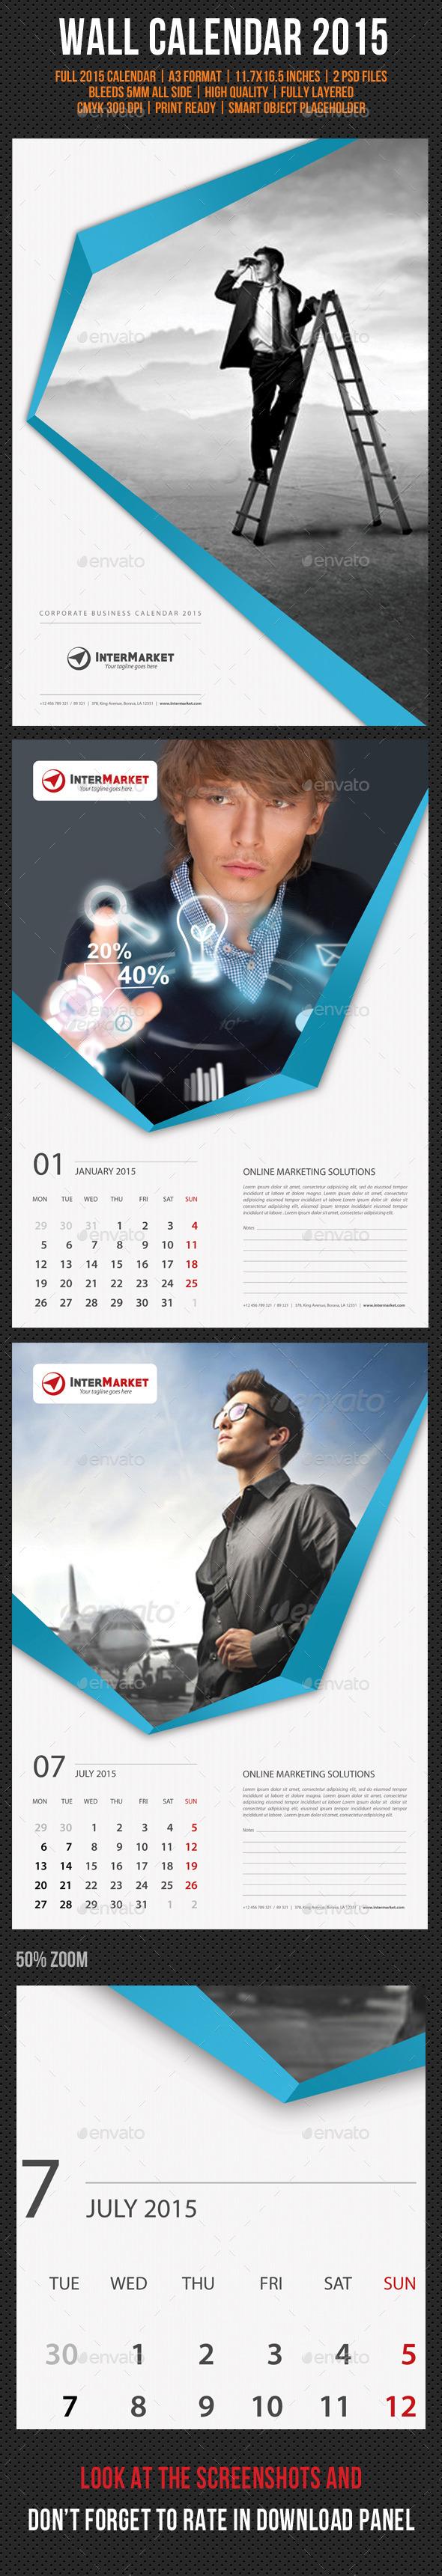 GraphicRiver Corporate Wall Calendar 2015 V02 9575512